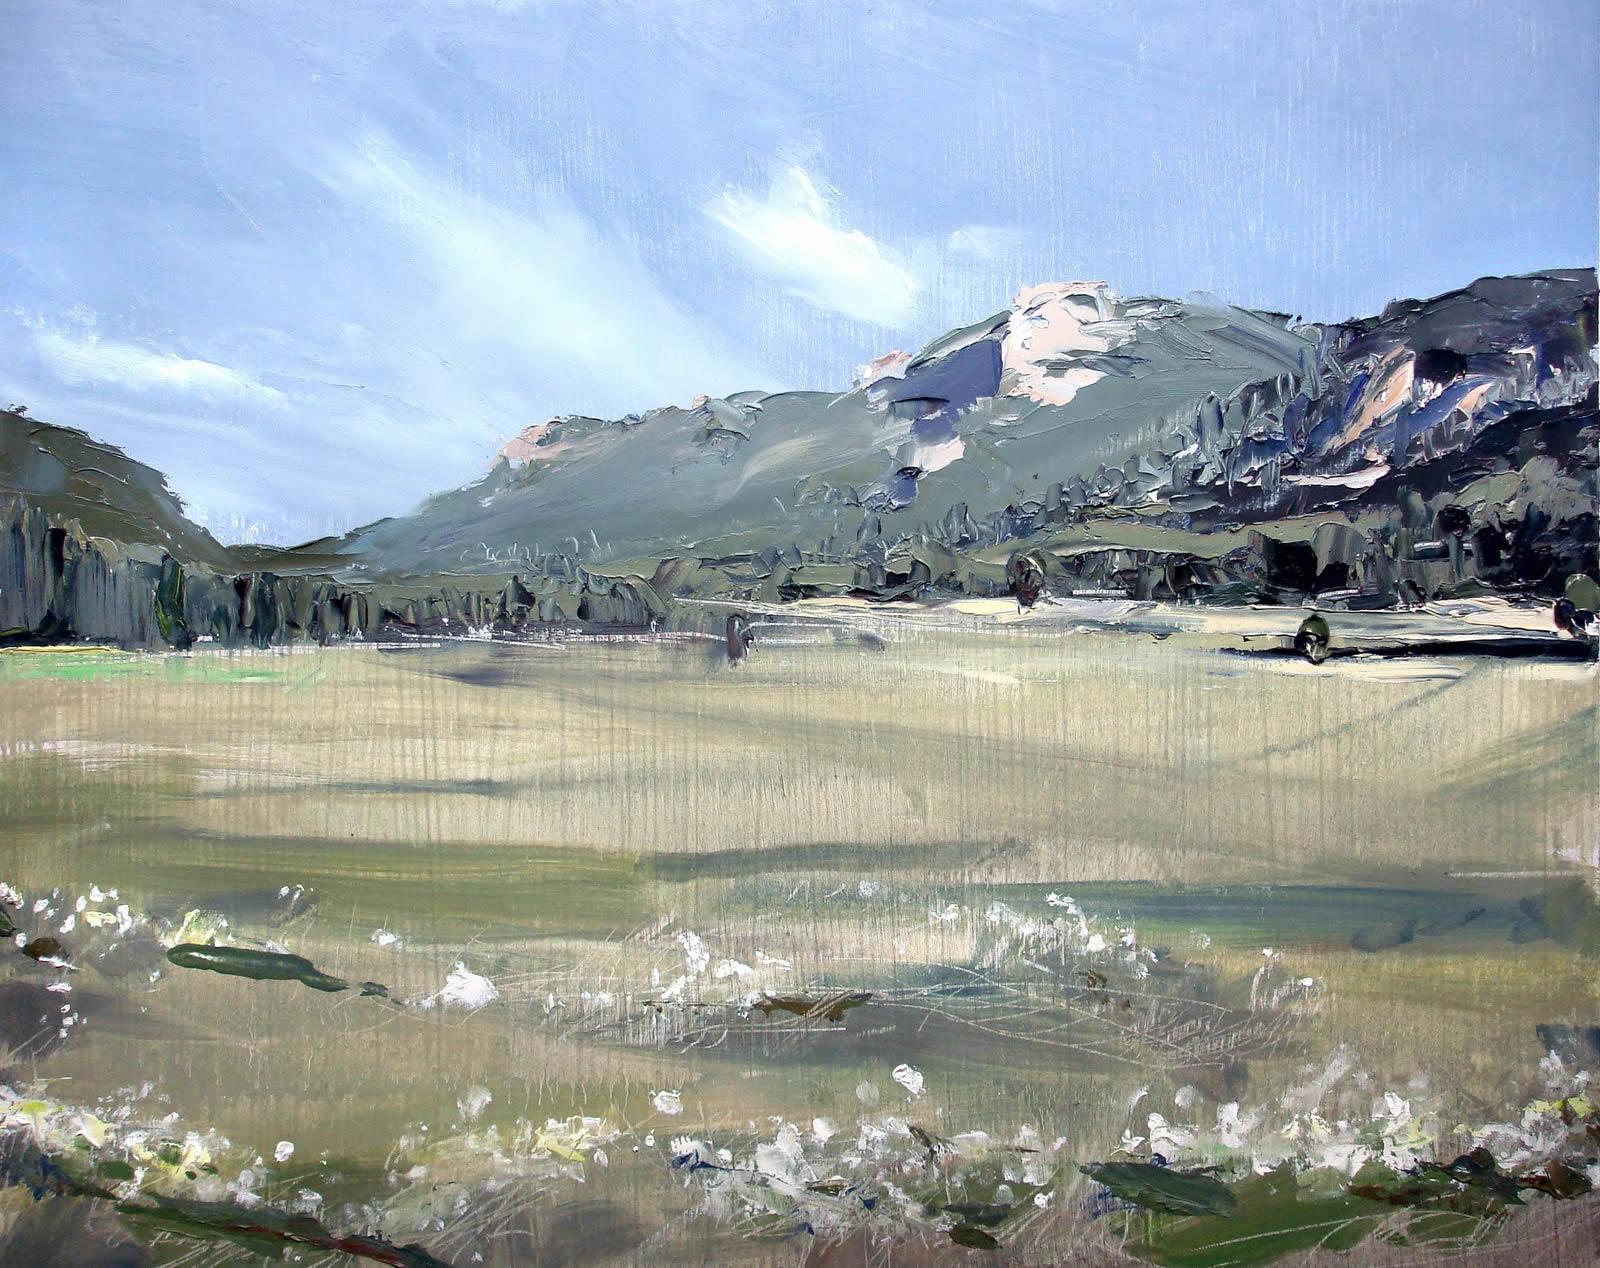 David Shingler - Denver, CO artist